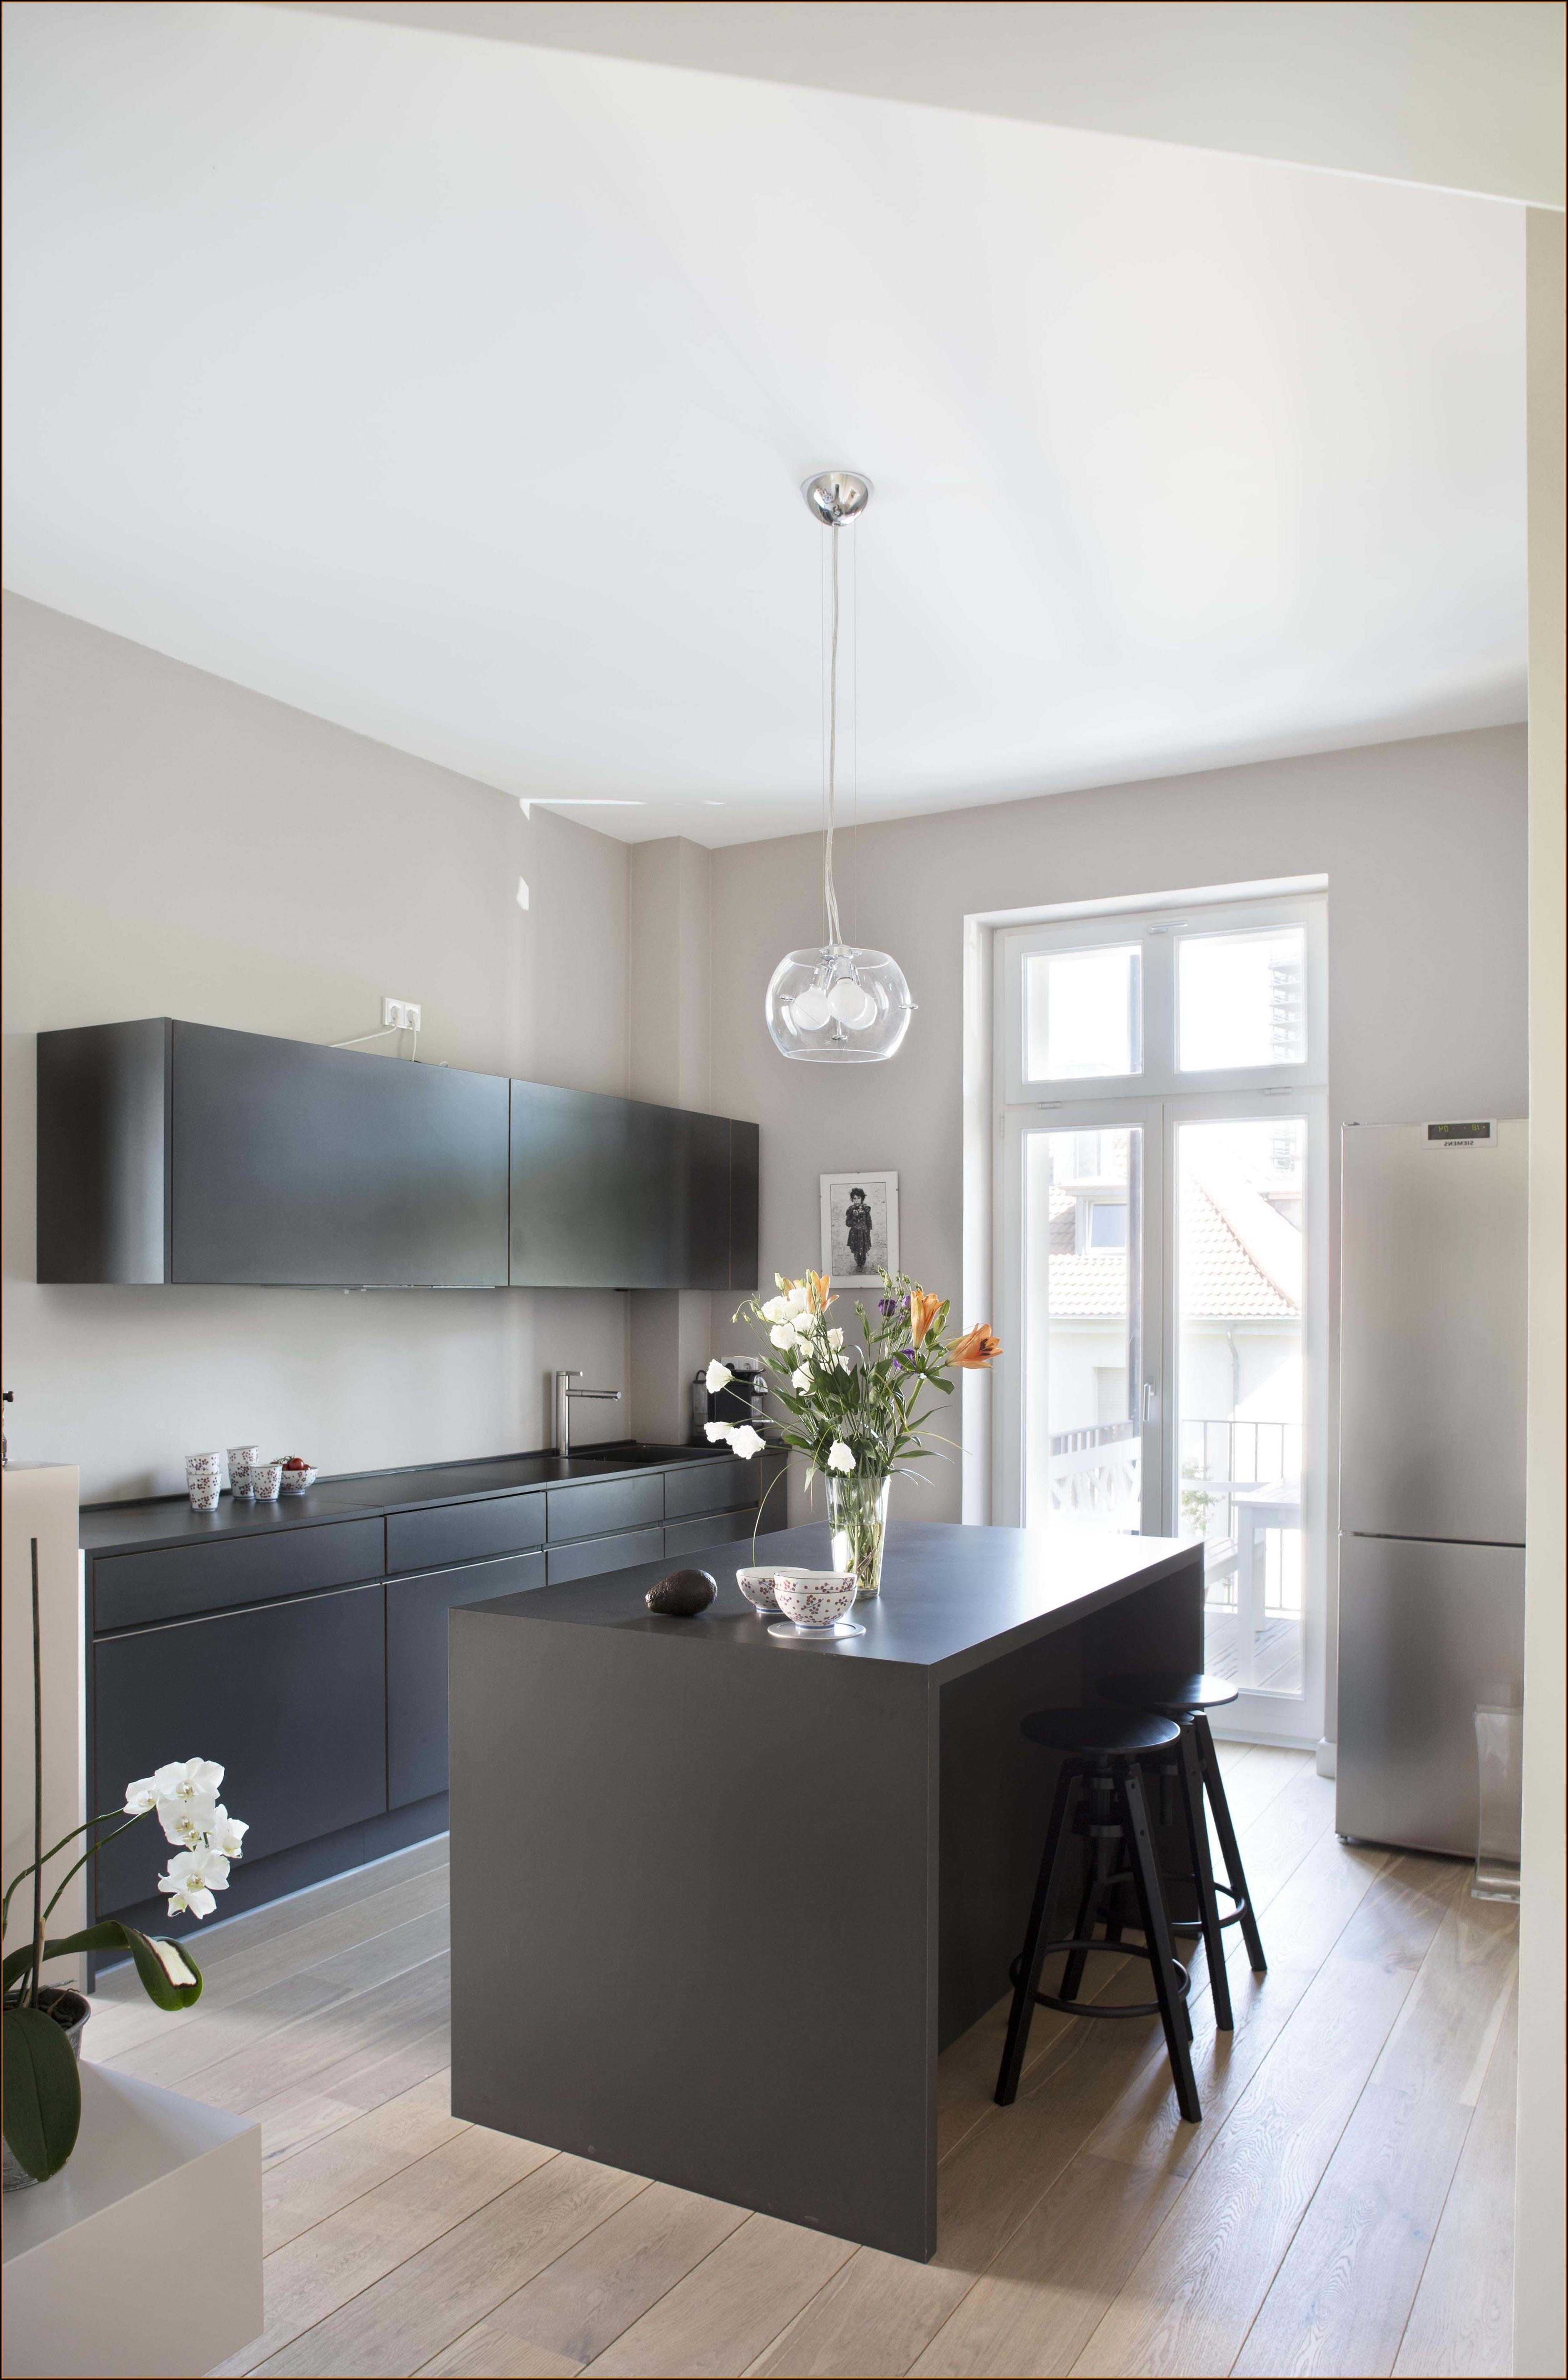 Küche Dachgeschoss Ideen - Küche : House und Dekor Galerie ...